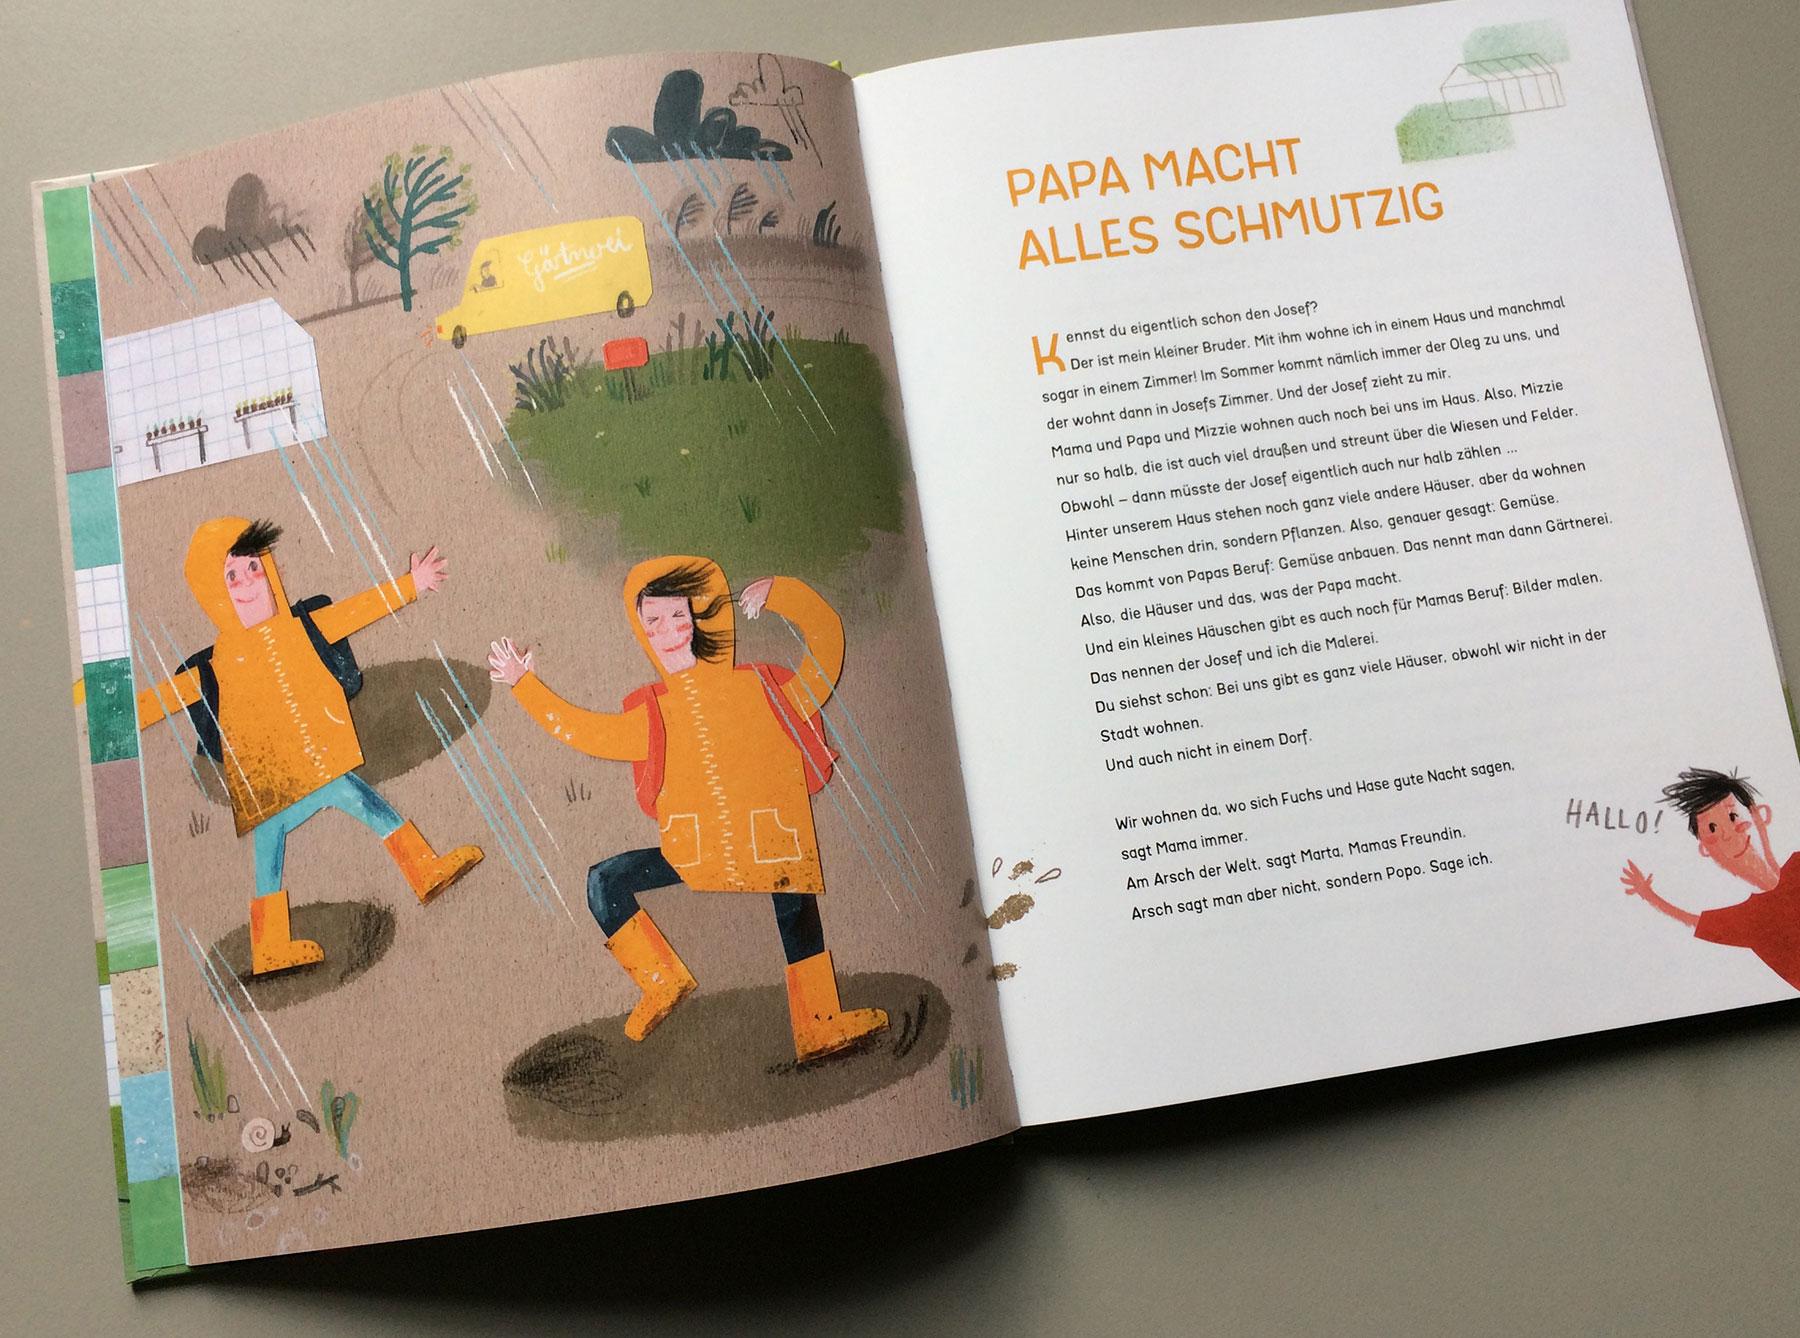 """Doppelseite des Buchs """"Radieschenmaus und Kuschelgurke"""" Kapitel """"Papa macht alles schmutzig"""""""